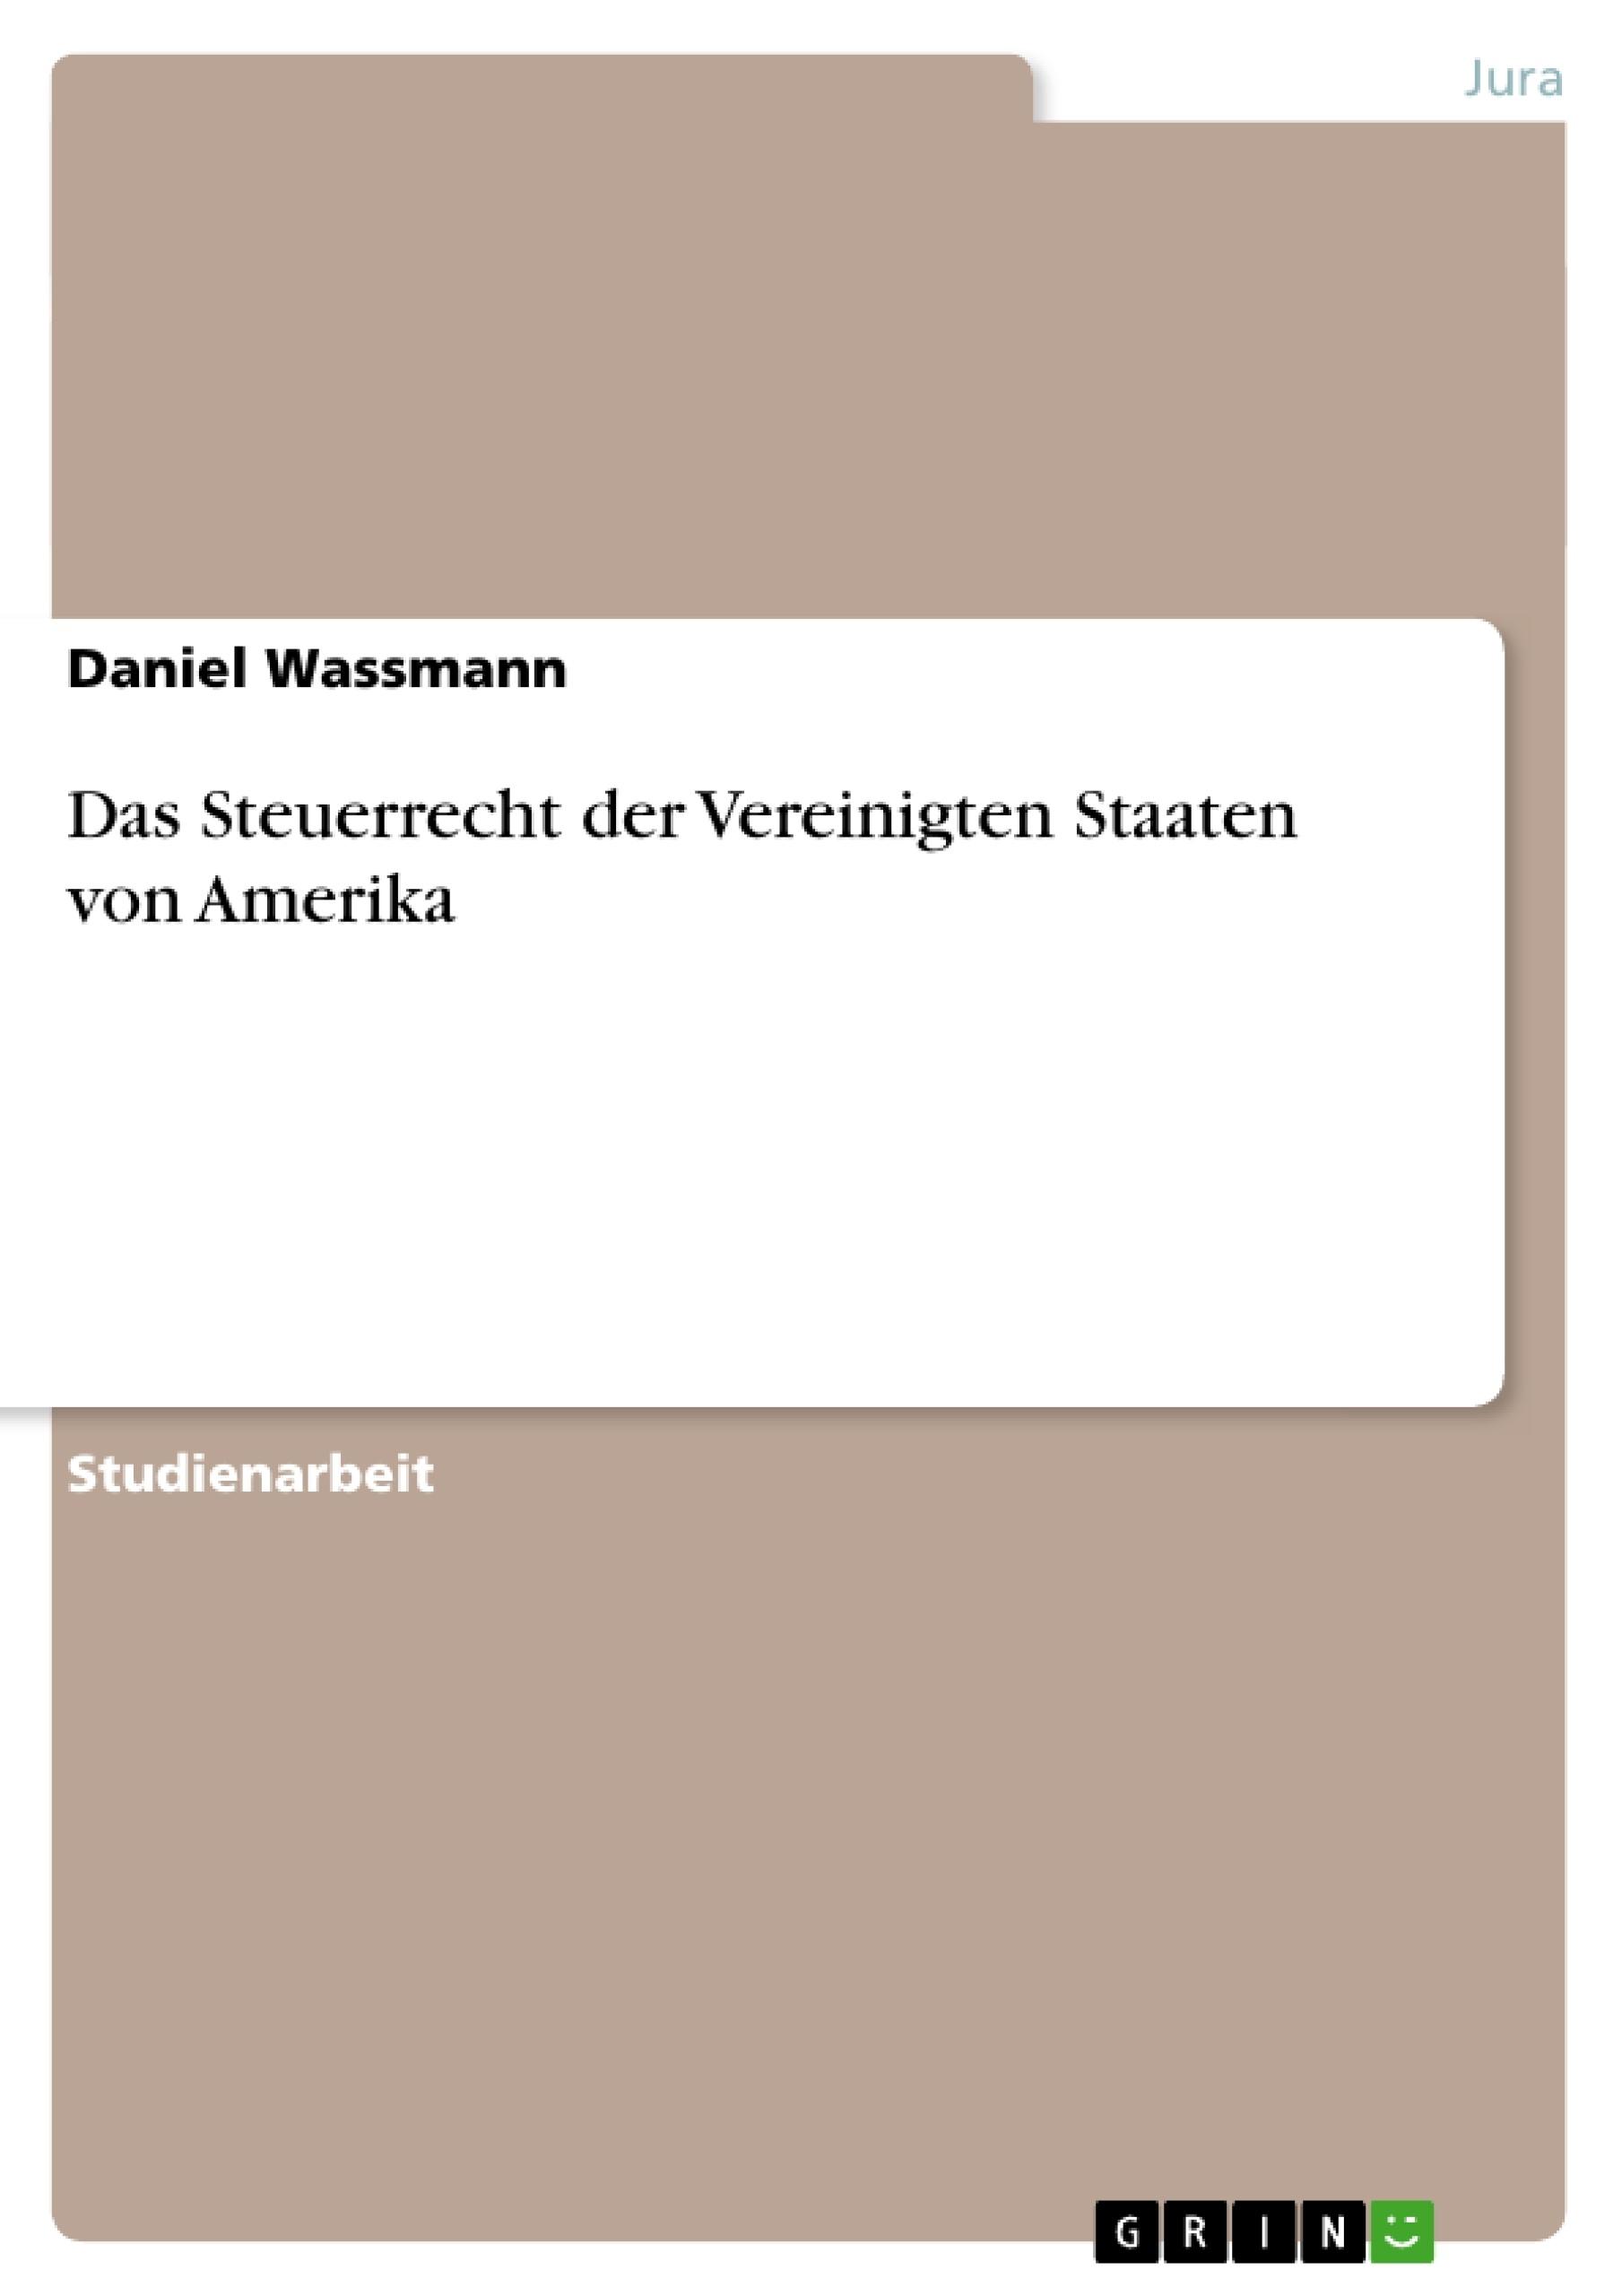 Titel: Das Steuerrecht der Vereinigten Staaten von Amerika